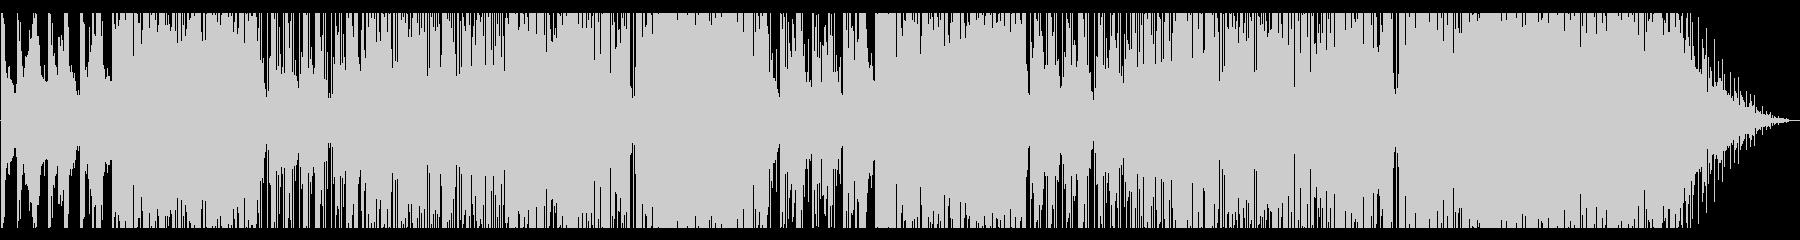 情緒的/R&B_No399の未再生の波形